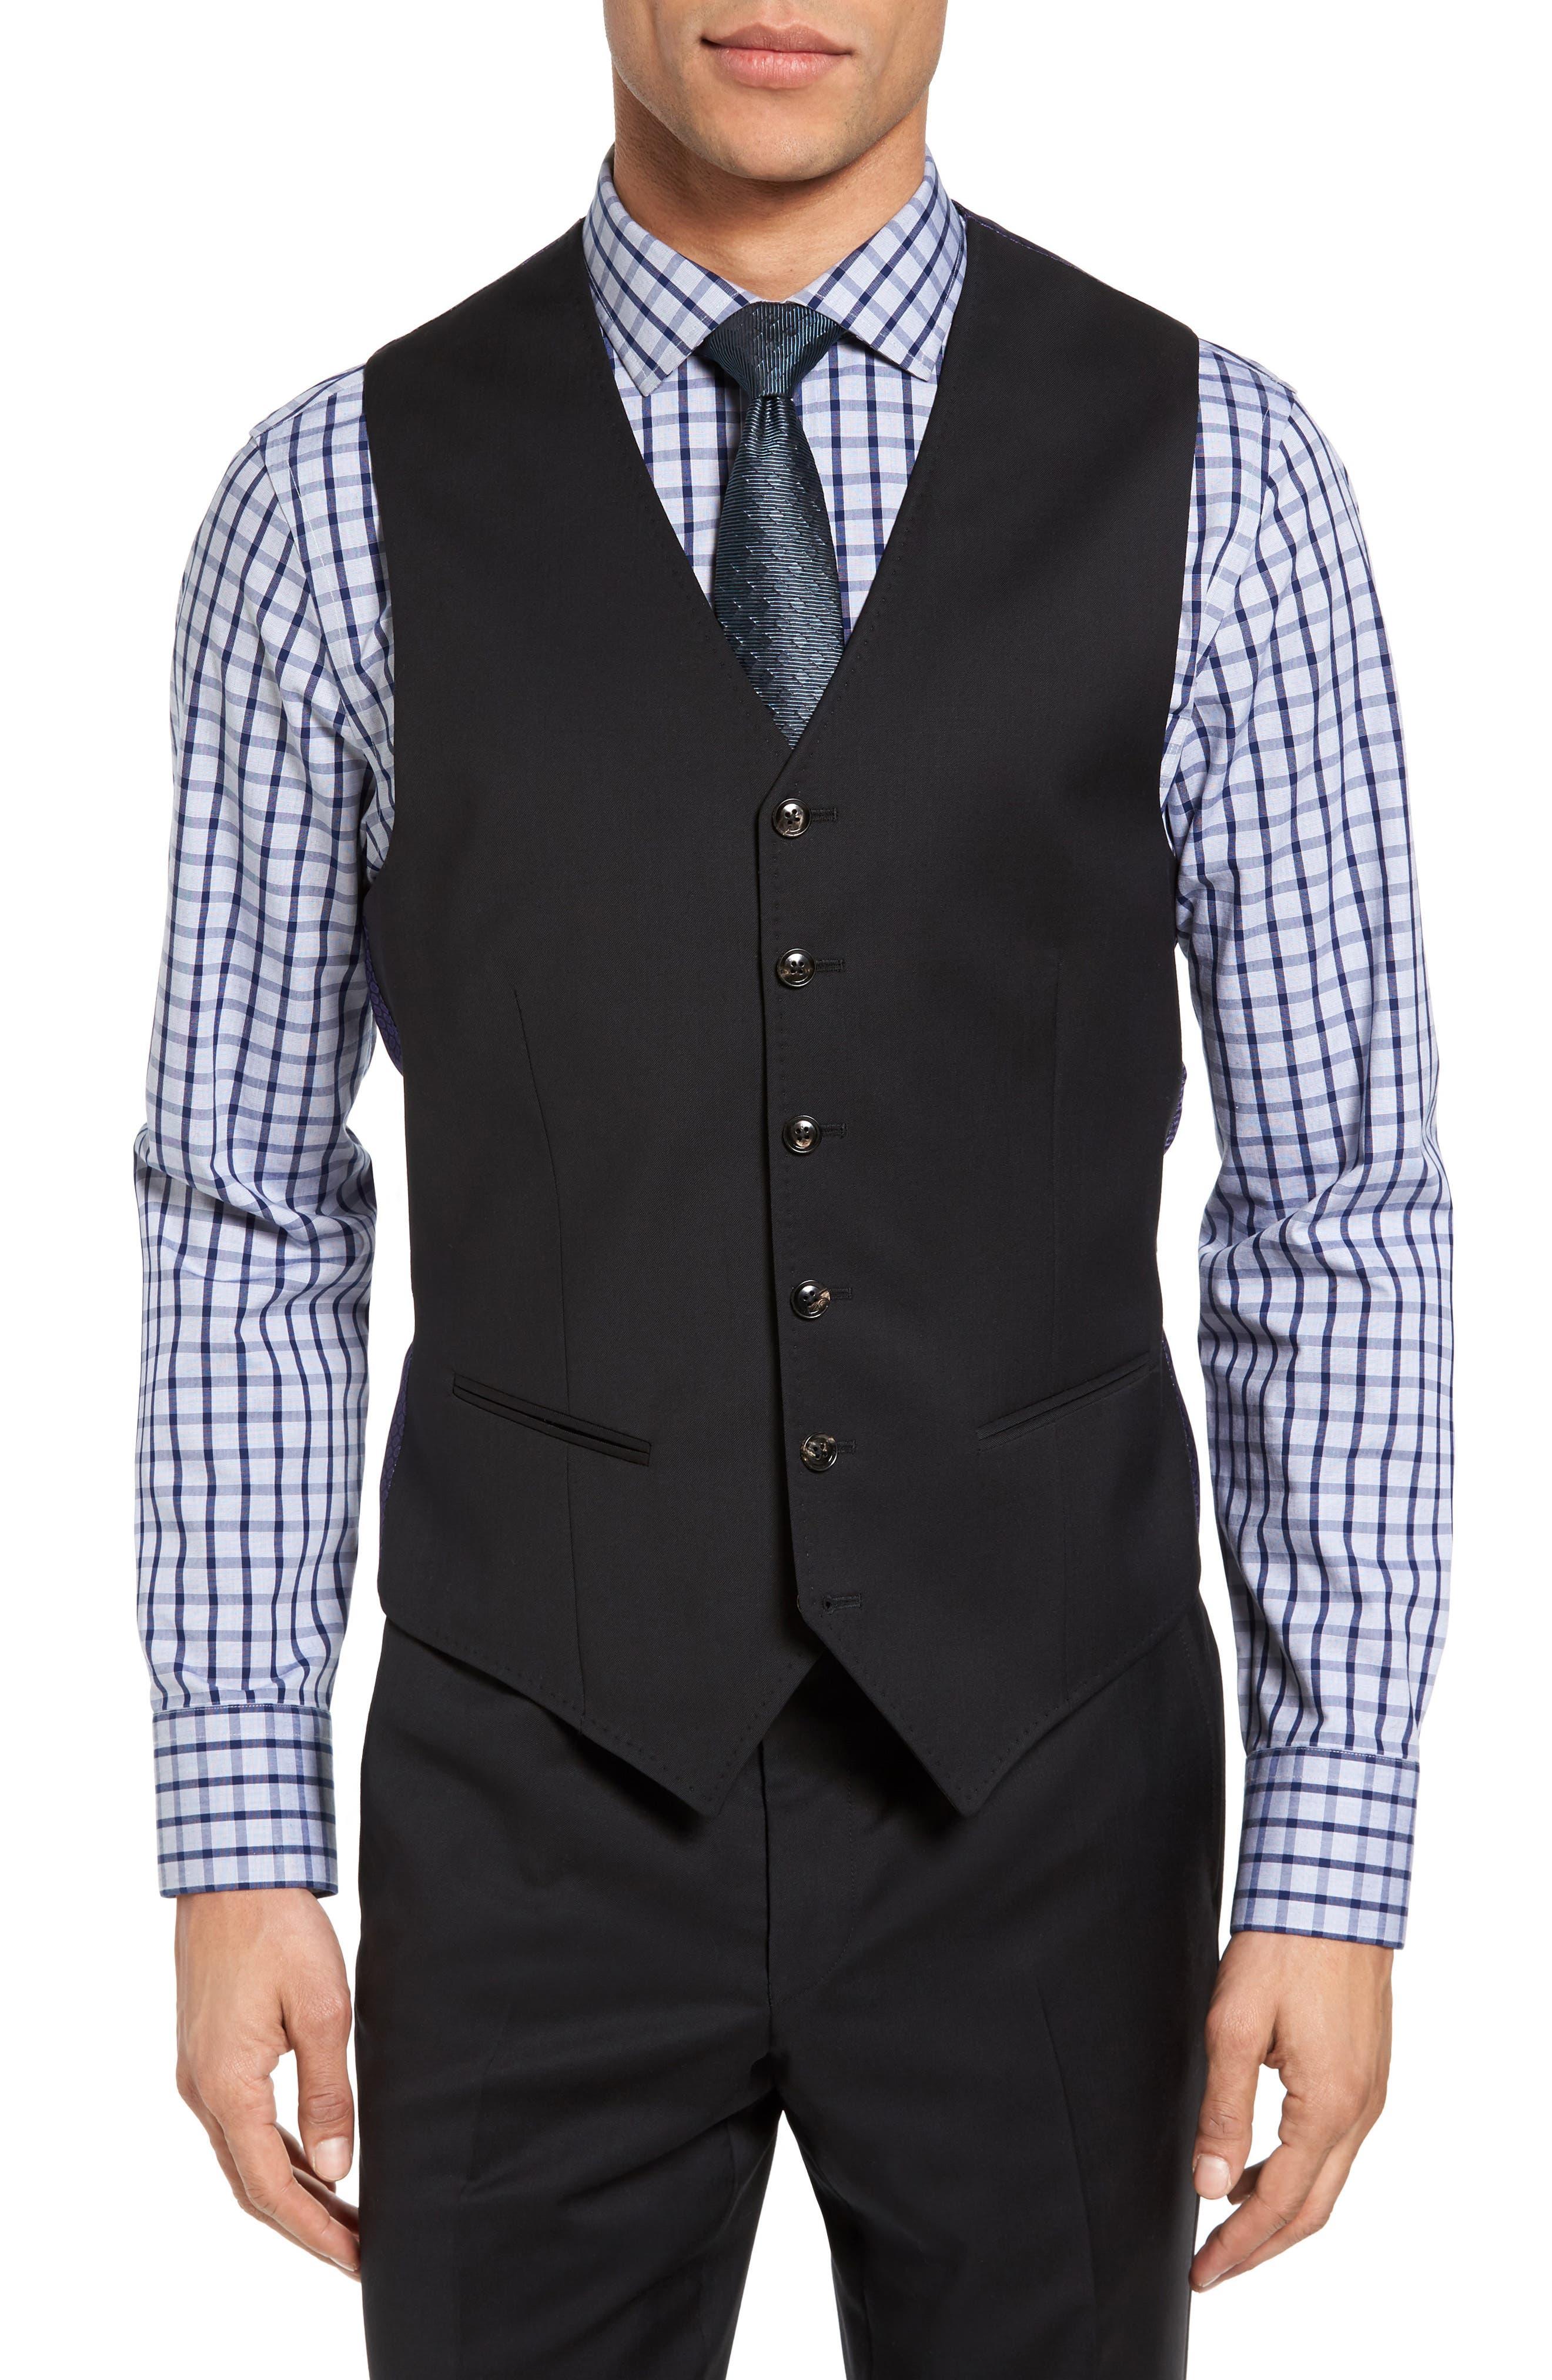 Jones Trim Fit Wool Vest,                         Main,                         color, 001